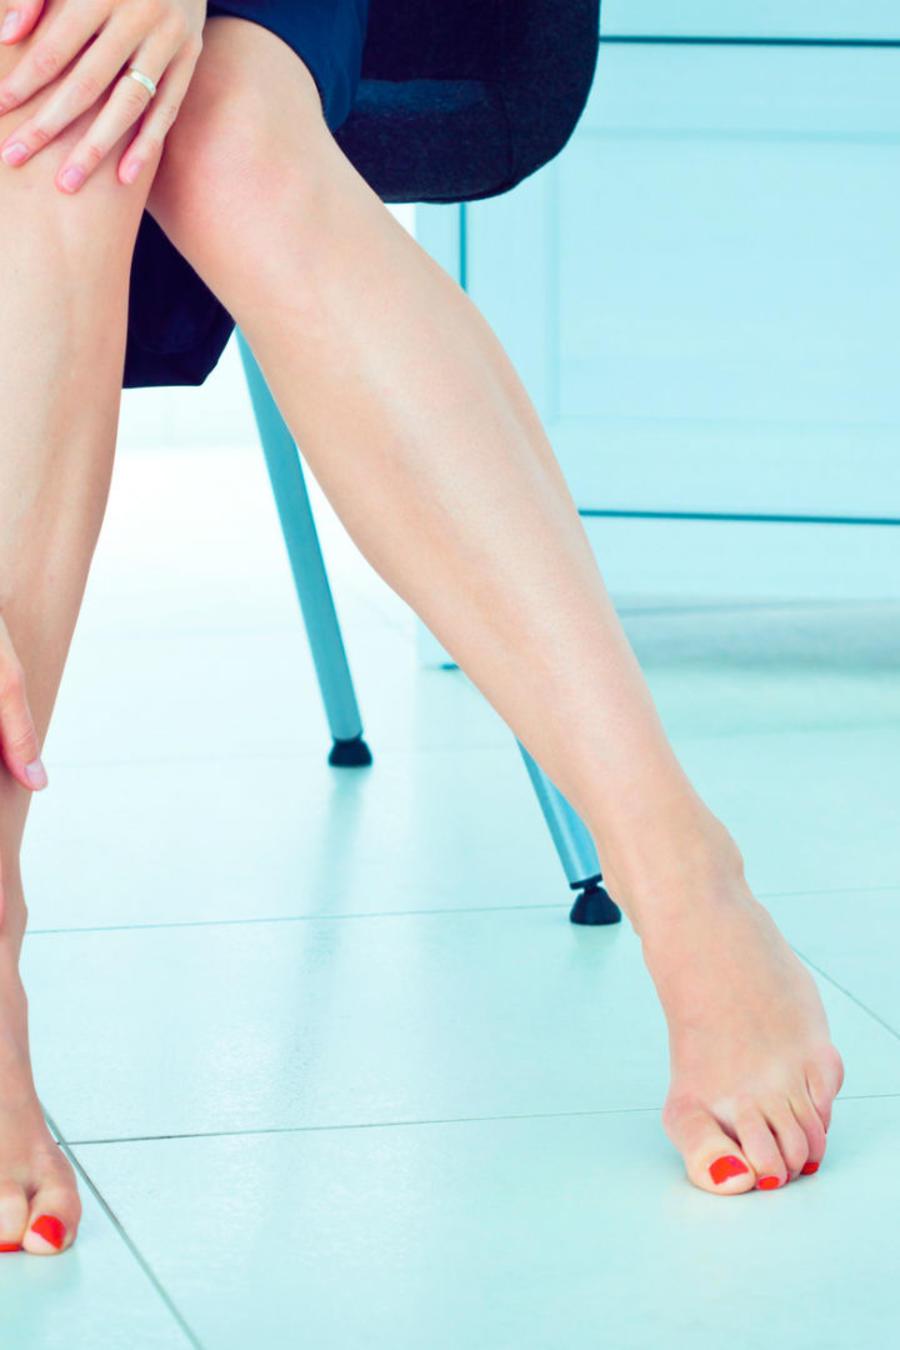 Piernas de una mujer con los zapatos al lado